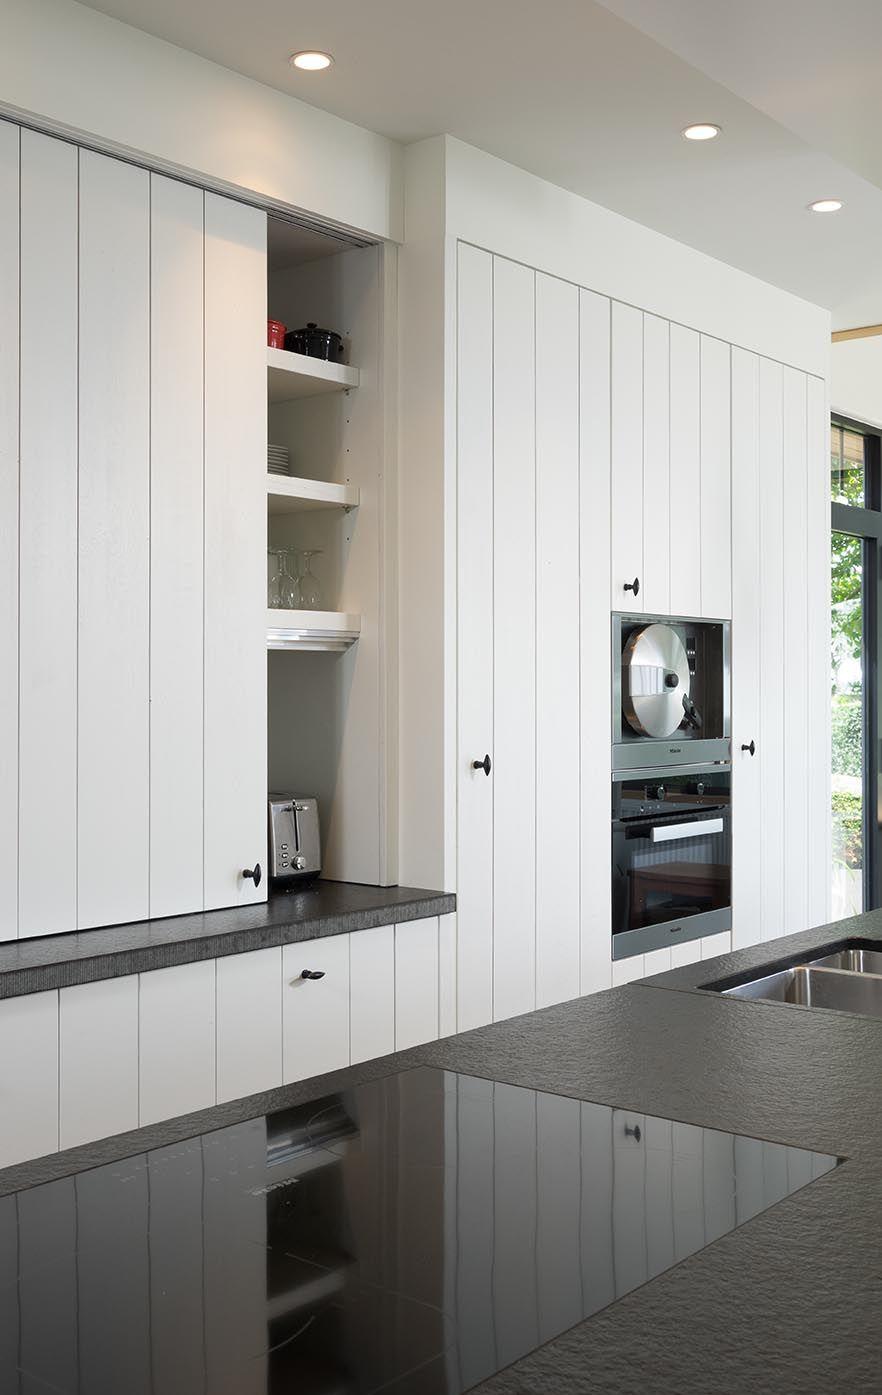 Witte Moderne Landelijke Keuken De Bosbeke Keuken Ontwerpen Landelijke Keuken Keuken Landelijk Modern